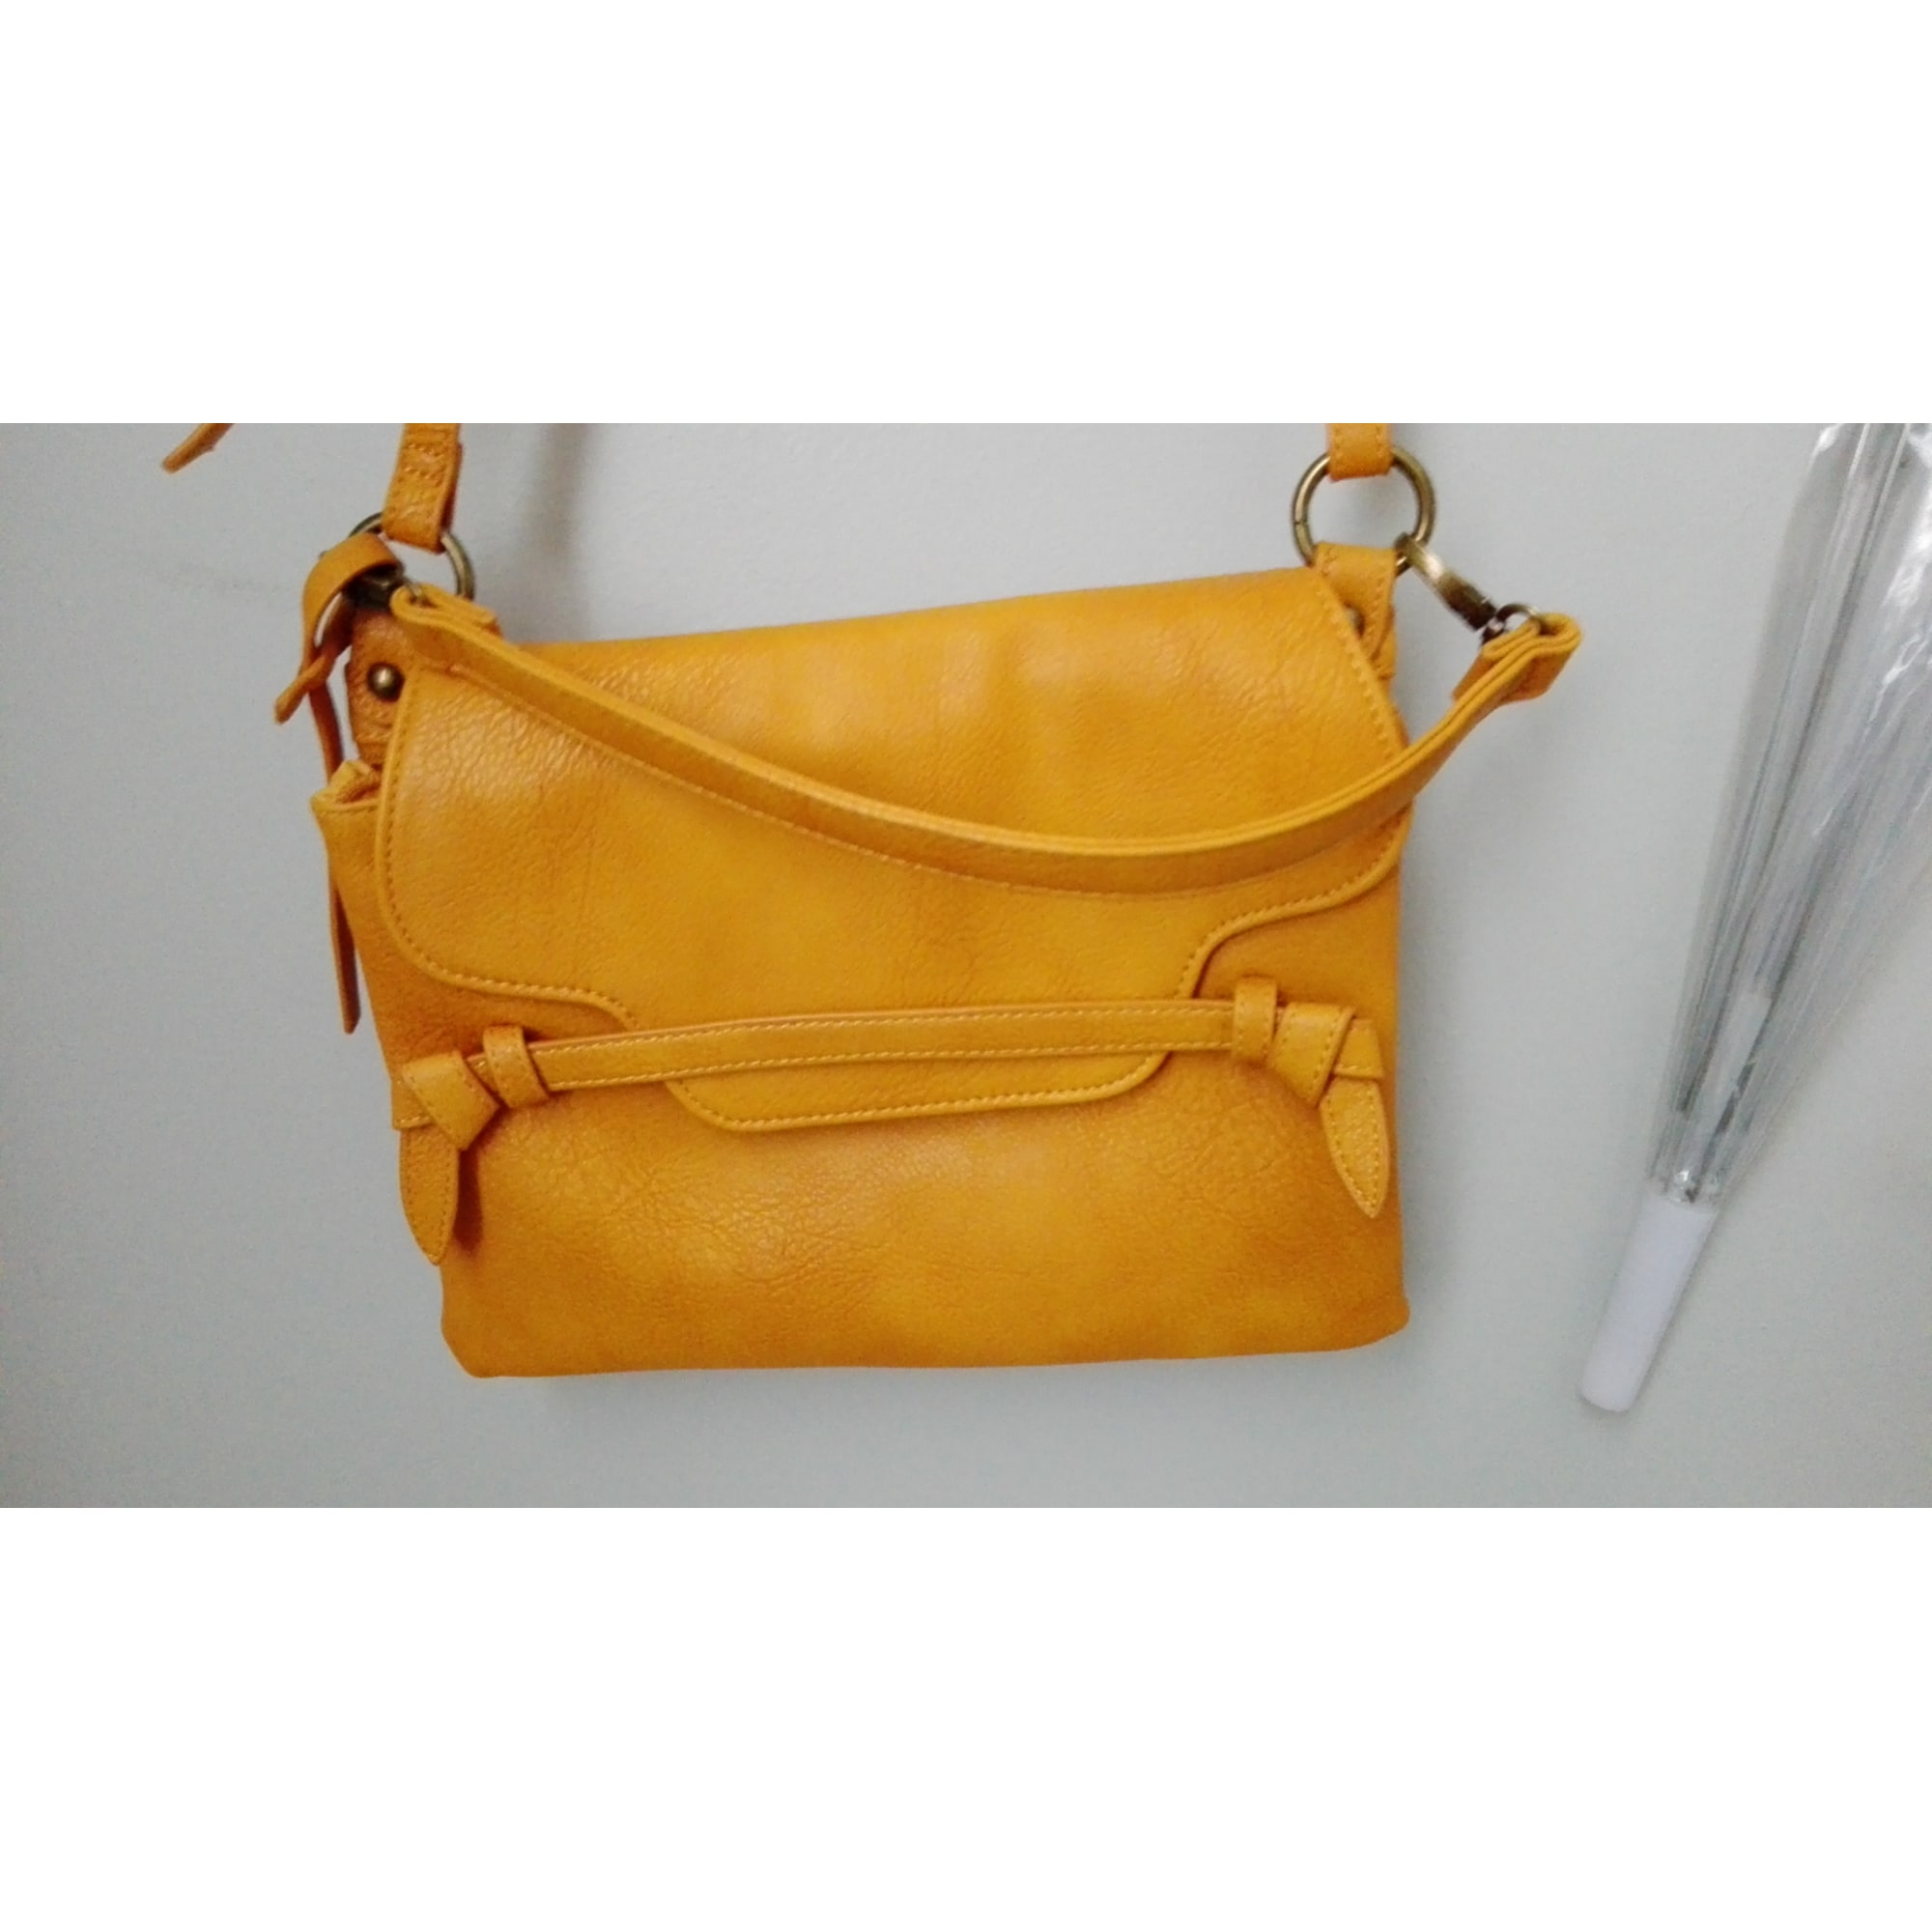 64205786dd Sac en bandoulière en tissu BONOBO jaune vendu par D'annesop508053 ...